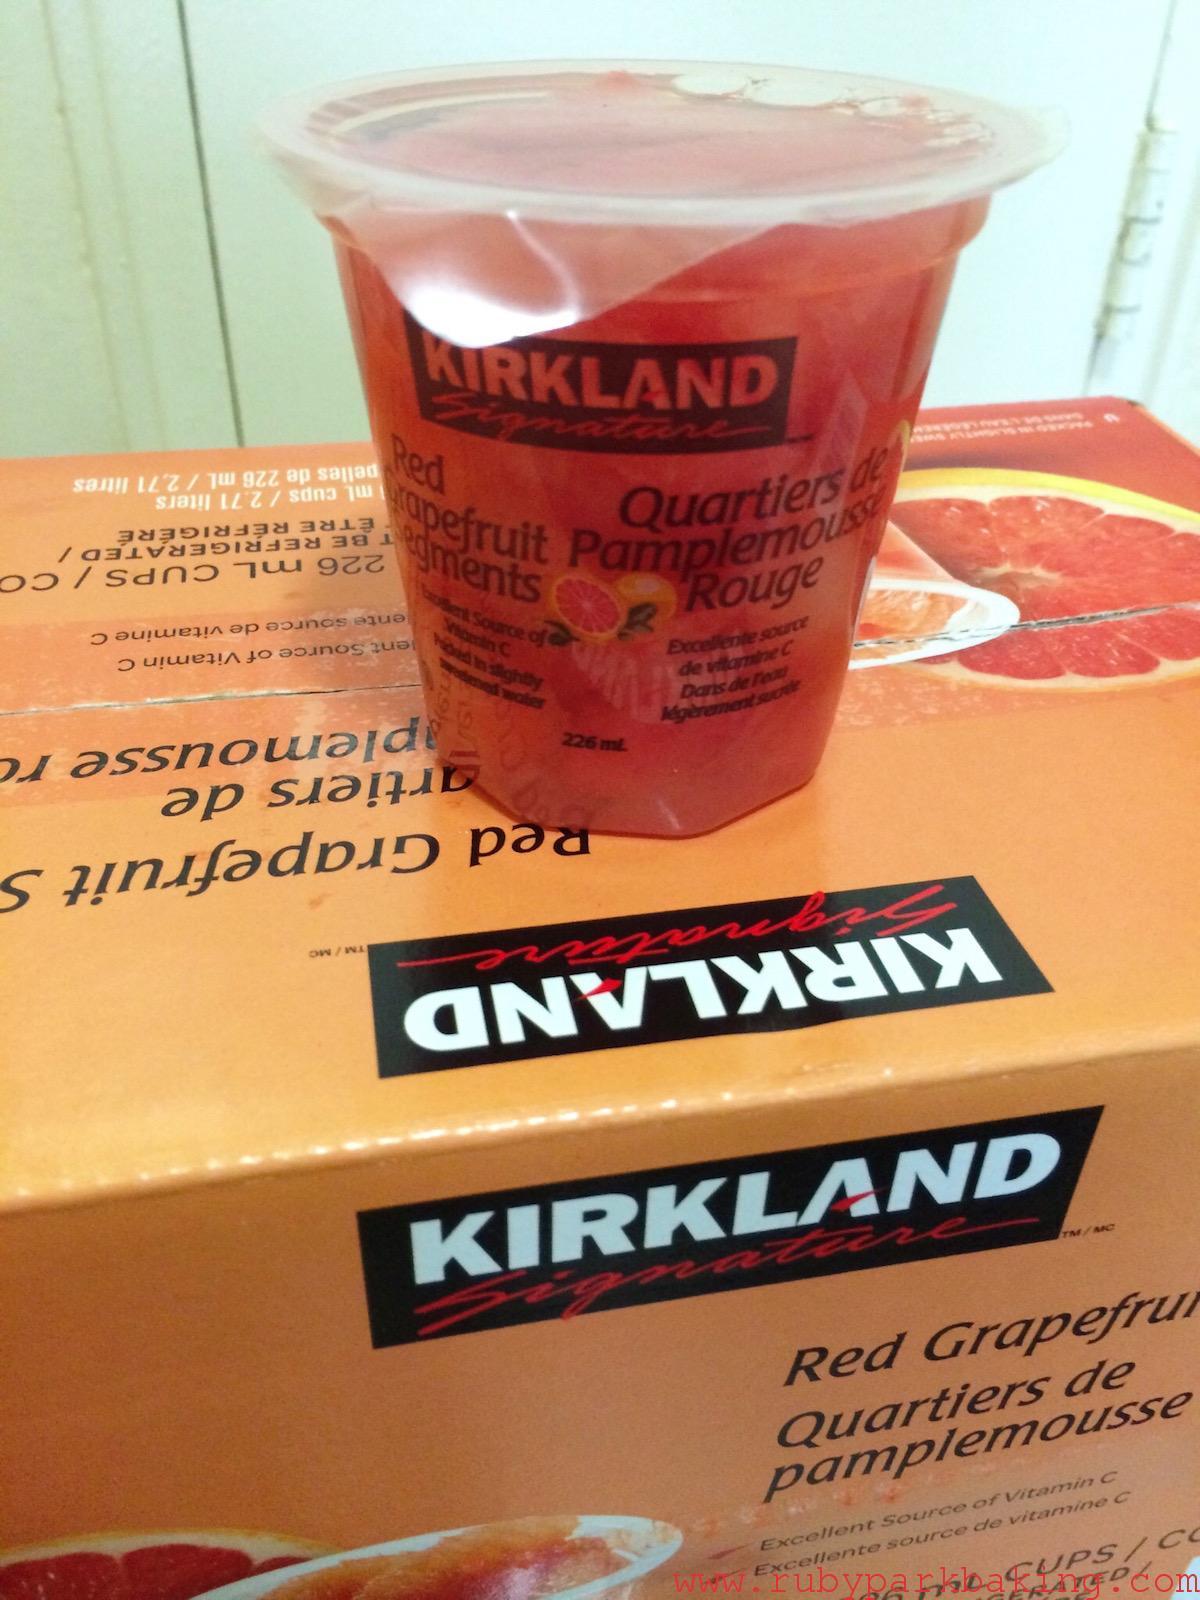 Costco(コストコ)で買ったもの!カークランドのグレープフルーツシラップ漬け最高♪